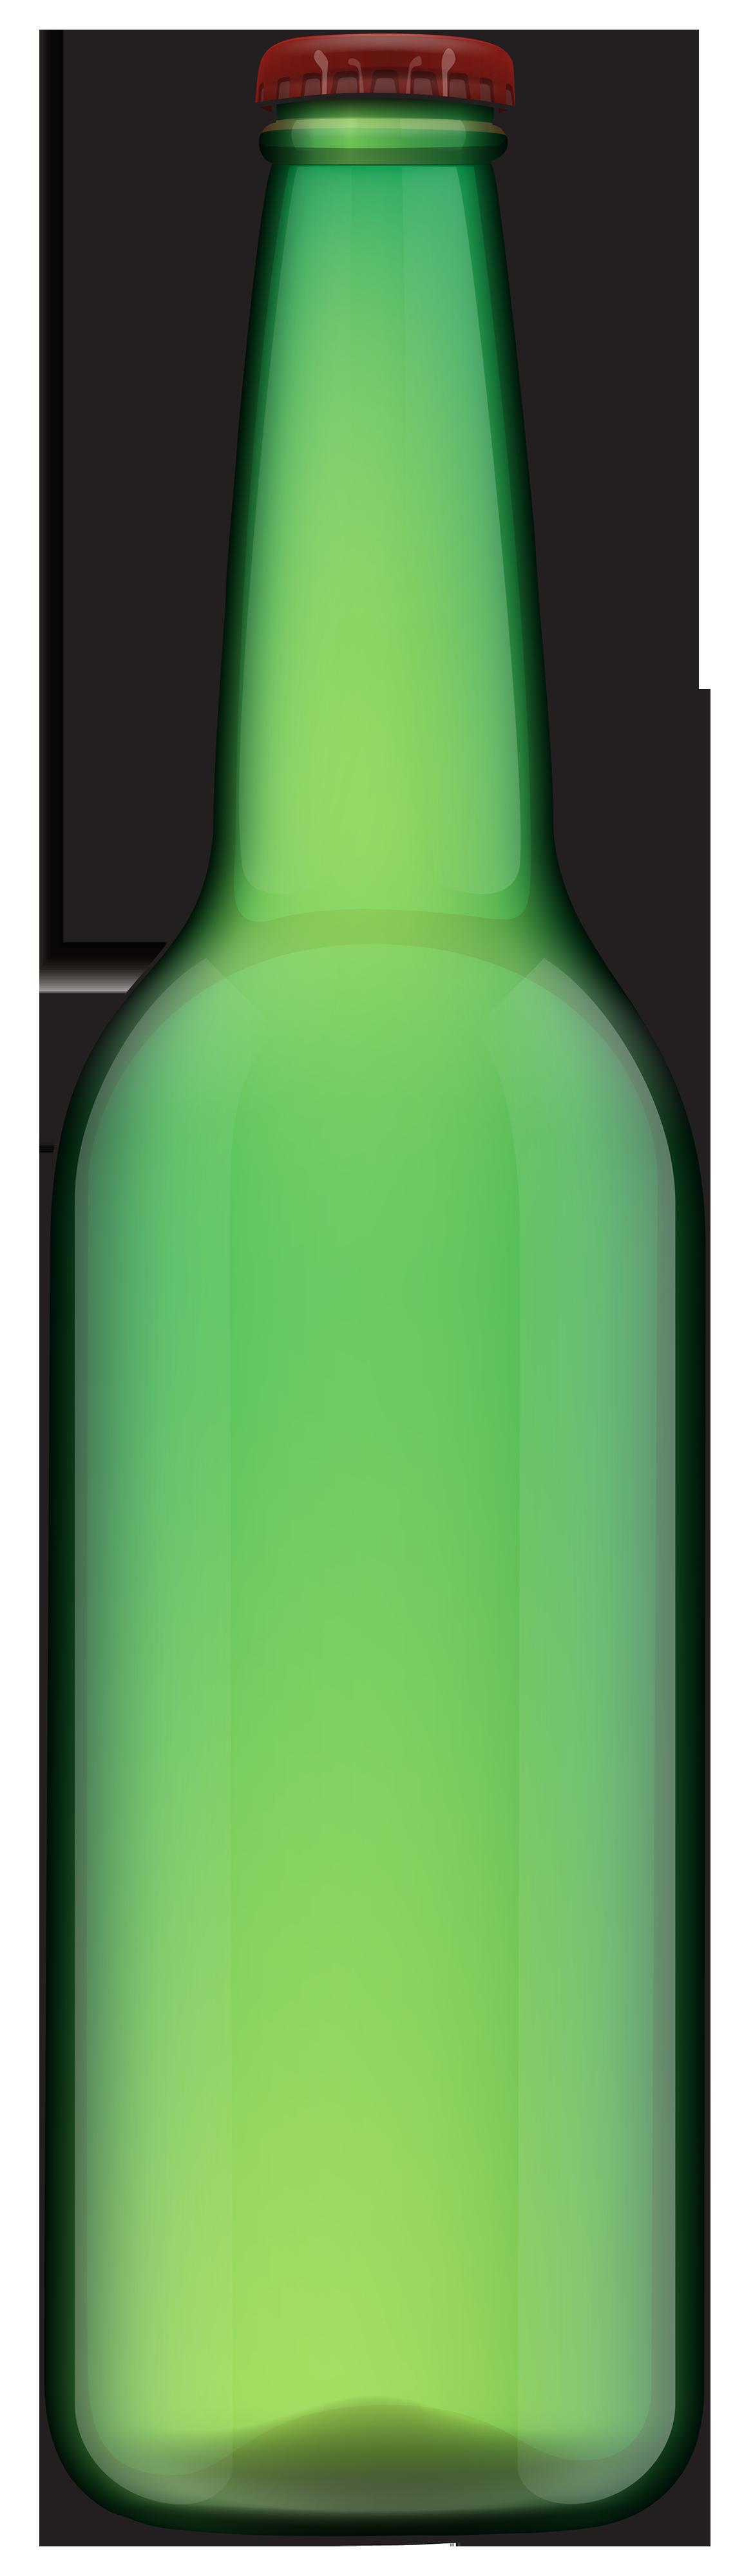 Plastic Bottle Clipart | Free download best Plastic Bottle Clipart